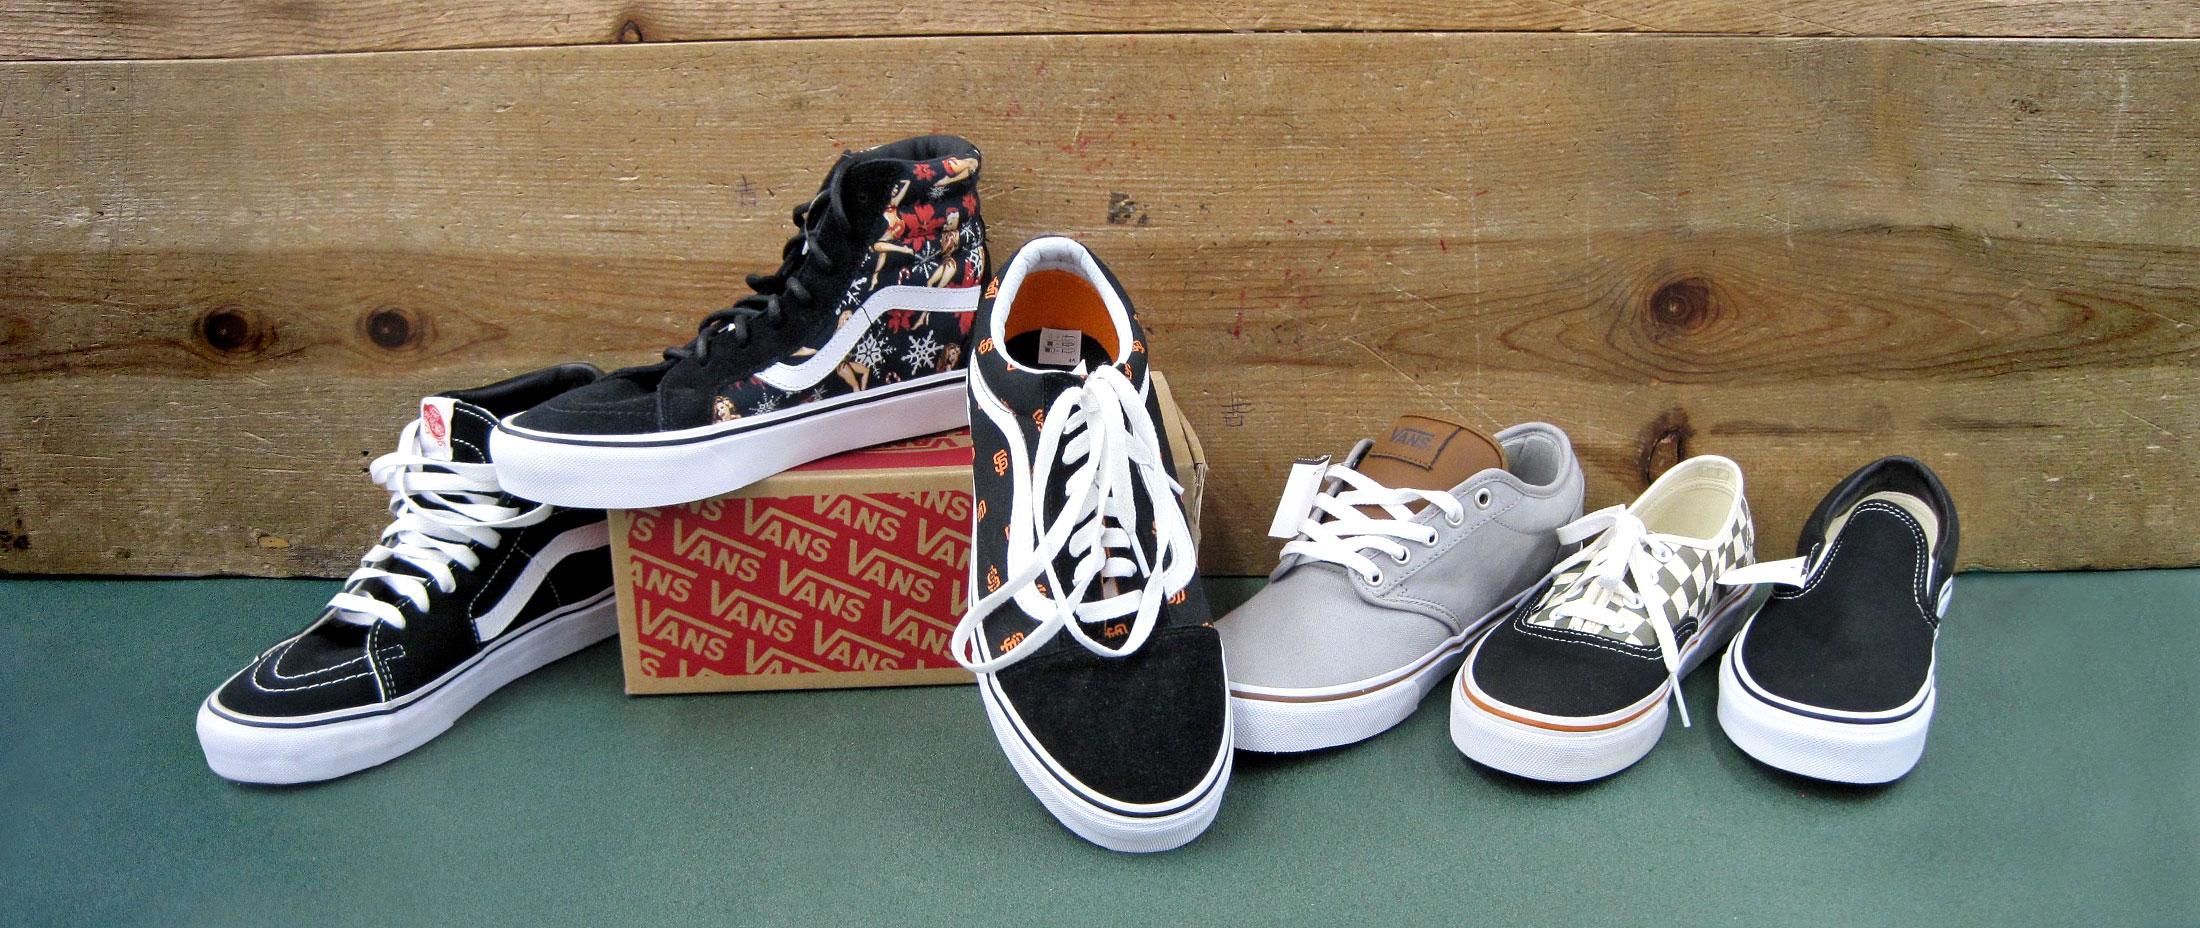 Footwear-Vans-Slider